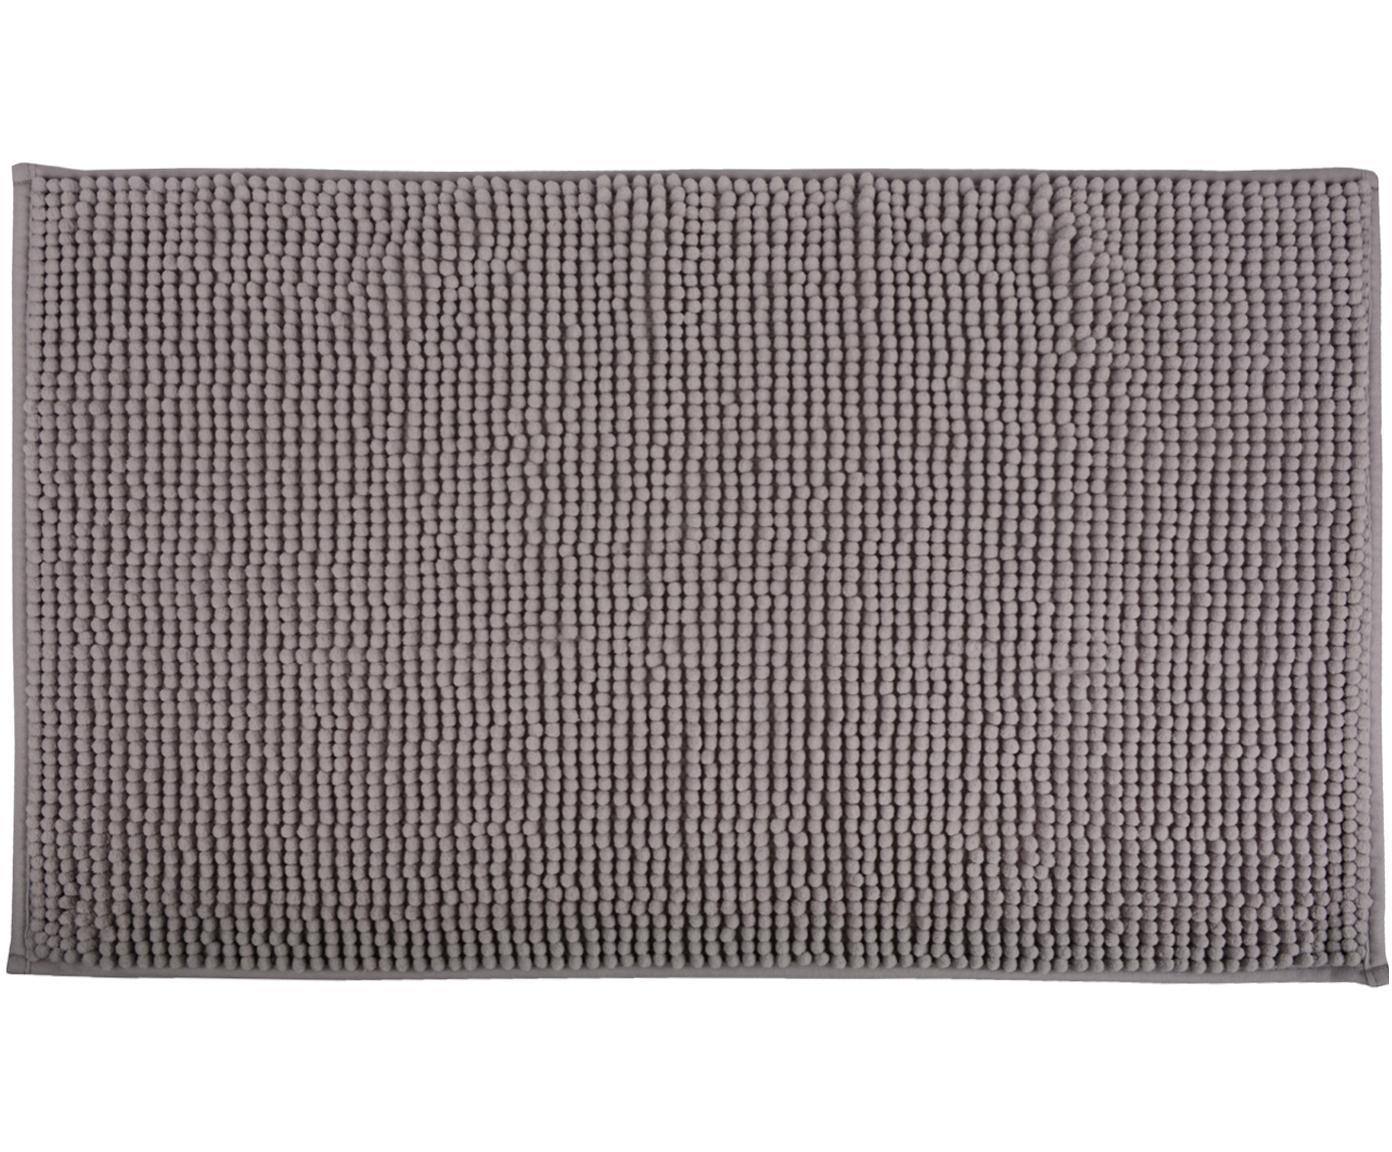 Dywanik łazienkowy Johanna, 100% poliester, Szary, S 45 x D 75 cm